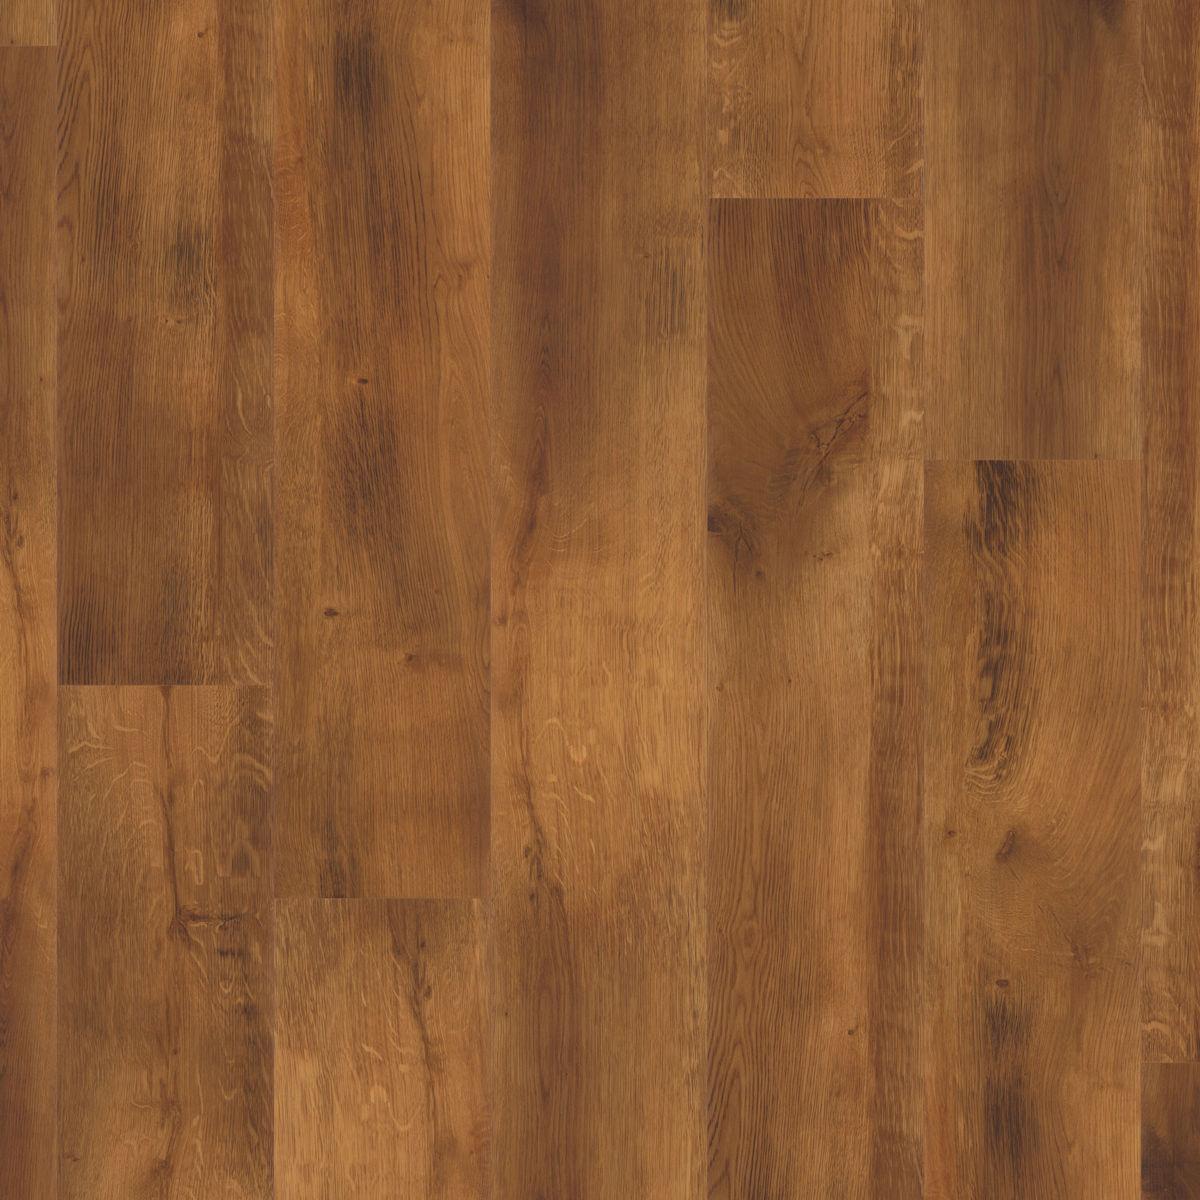 Karndean Van Gogh Smoked Oak Vgw70t Vinyl Flooring